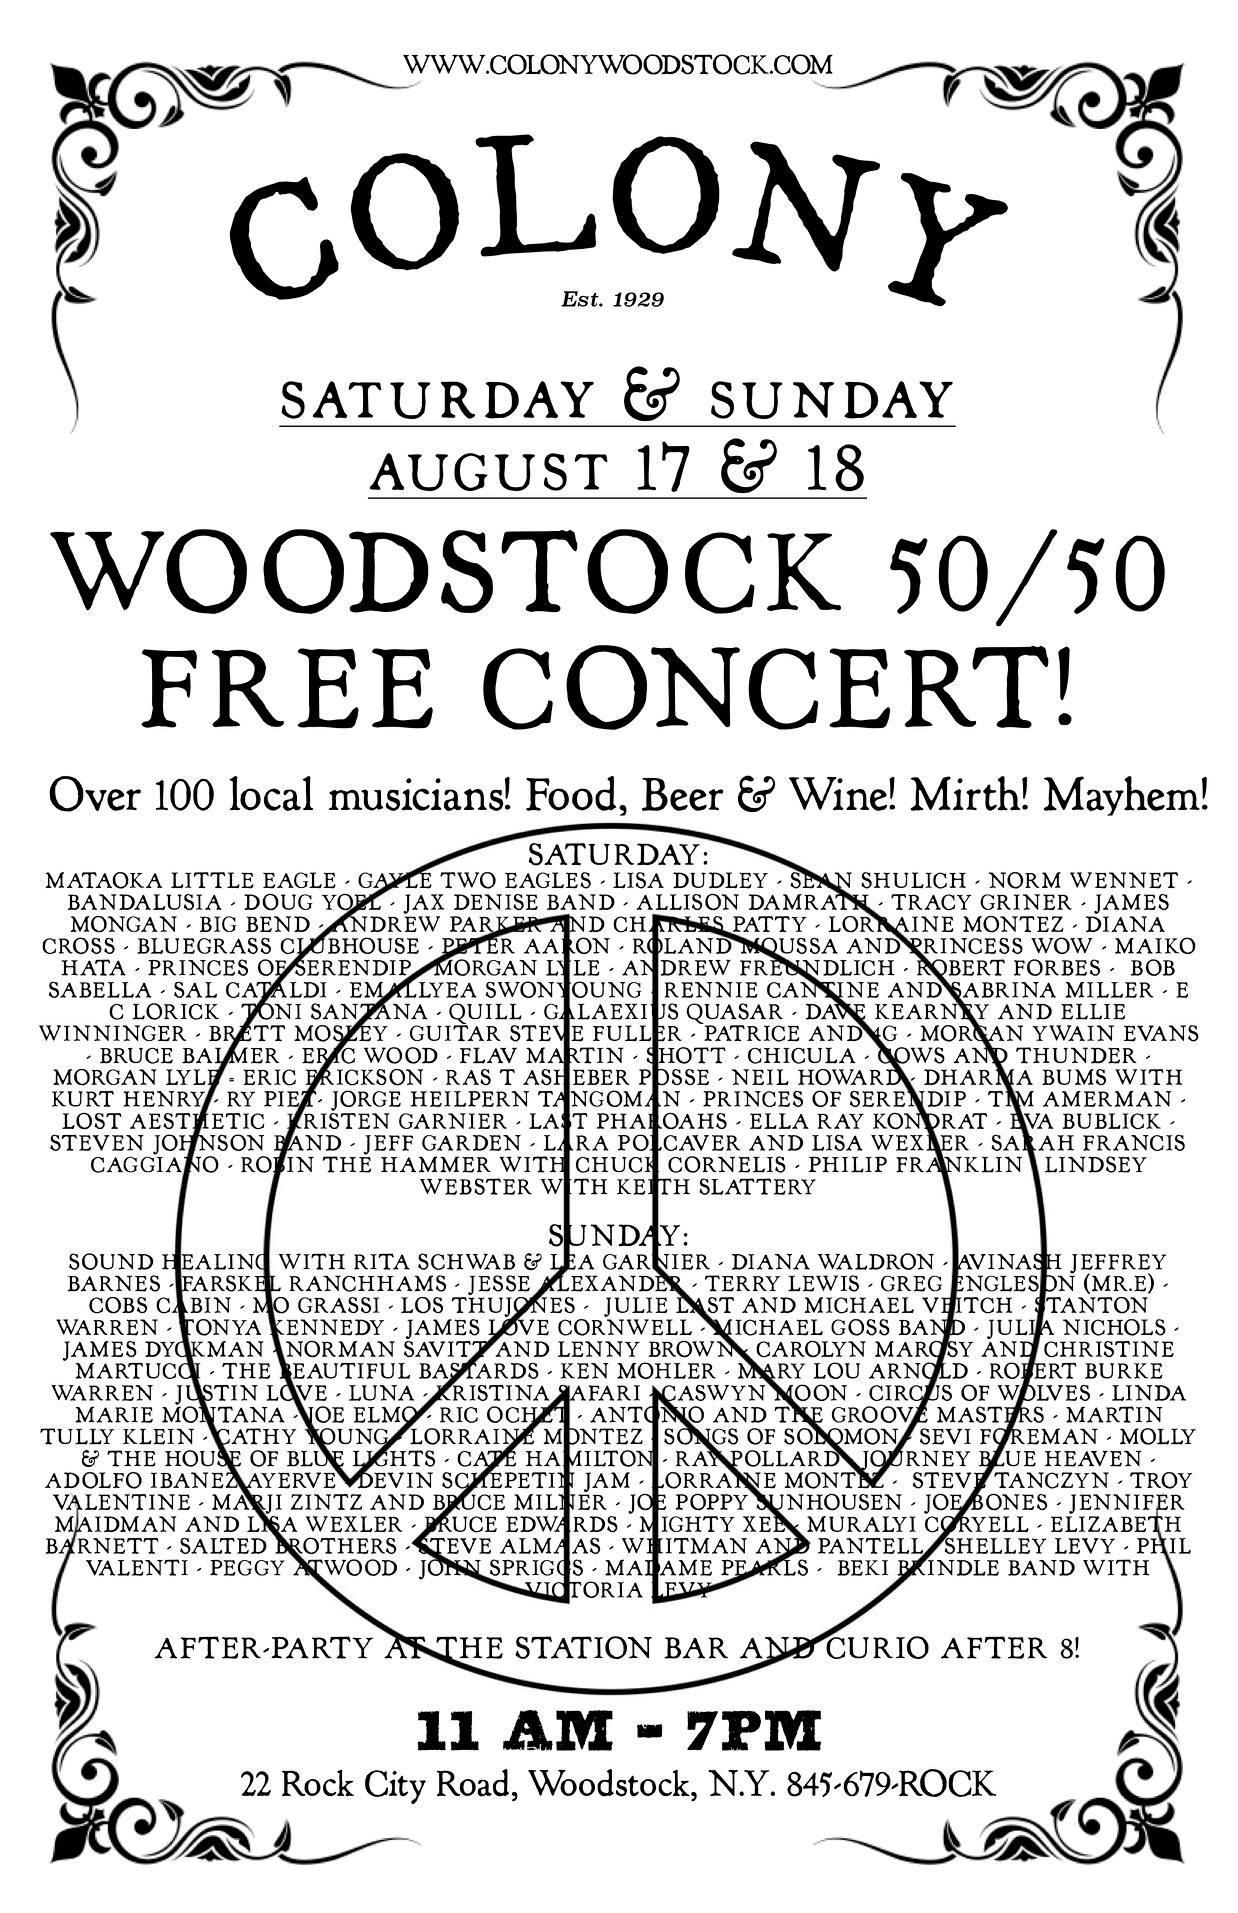 Woodstock 50/50 Concert poster